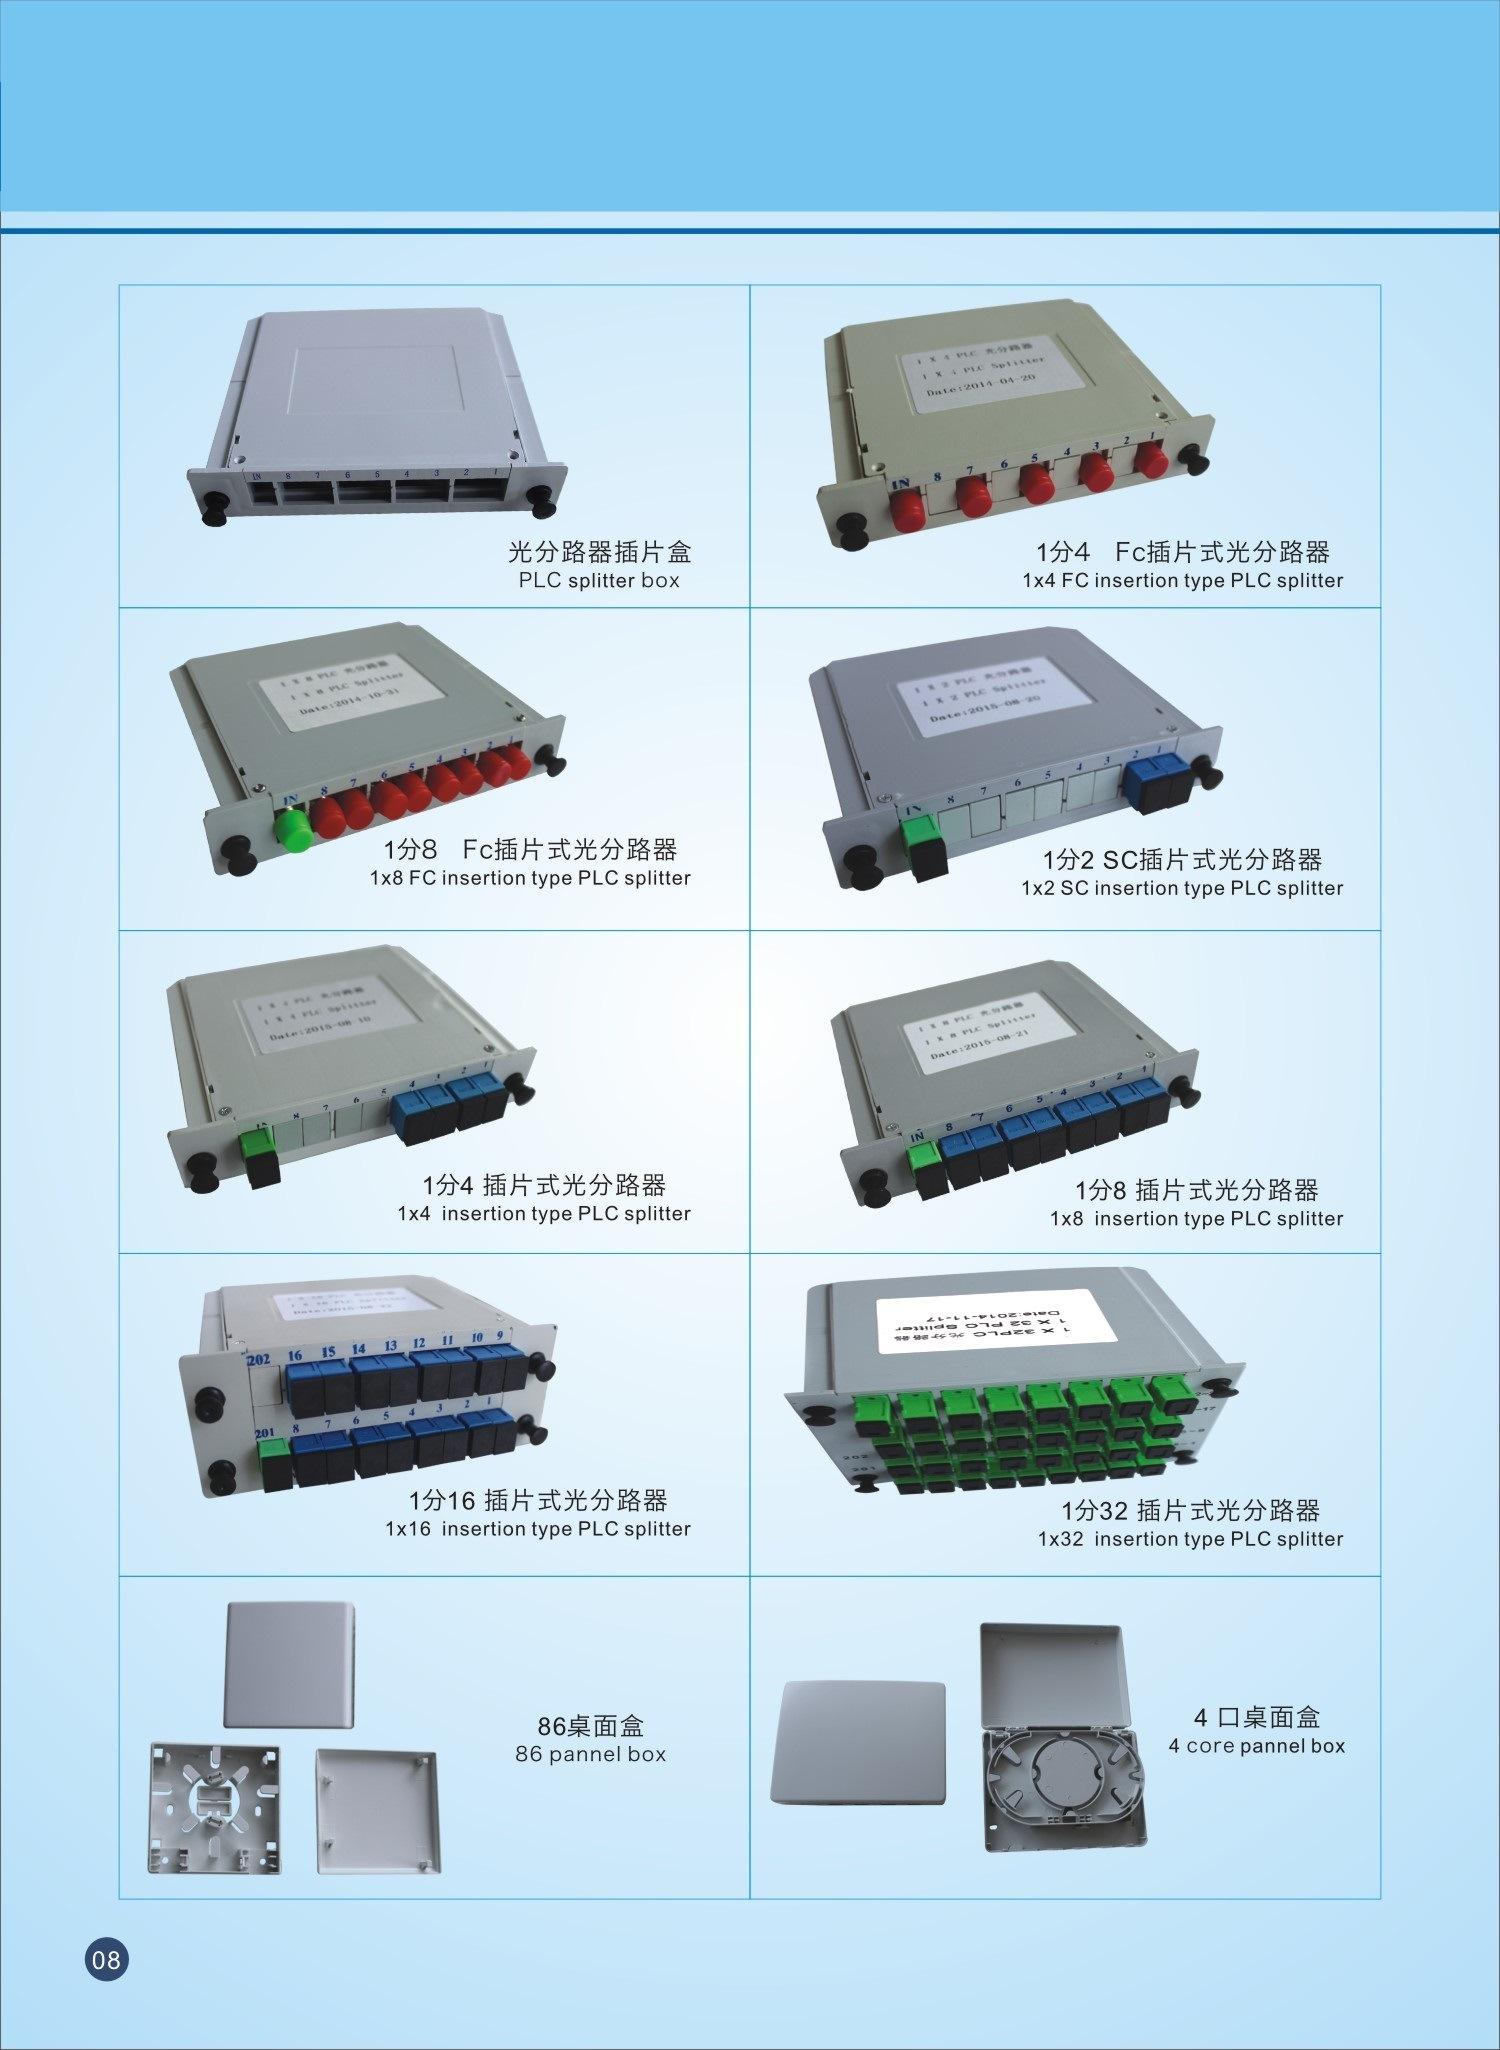 1X32 Insert Type PLC Splitter Optical Splitter for FTTH